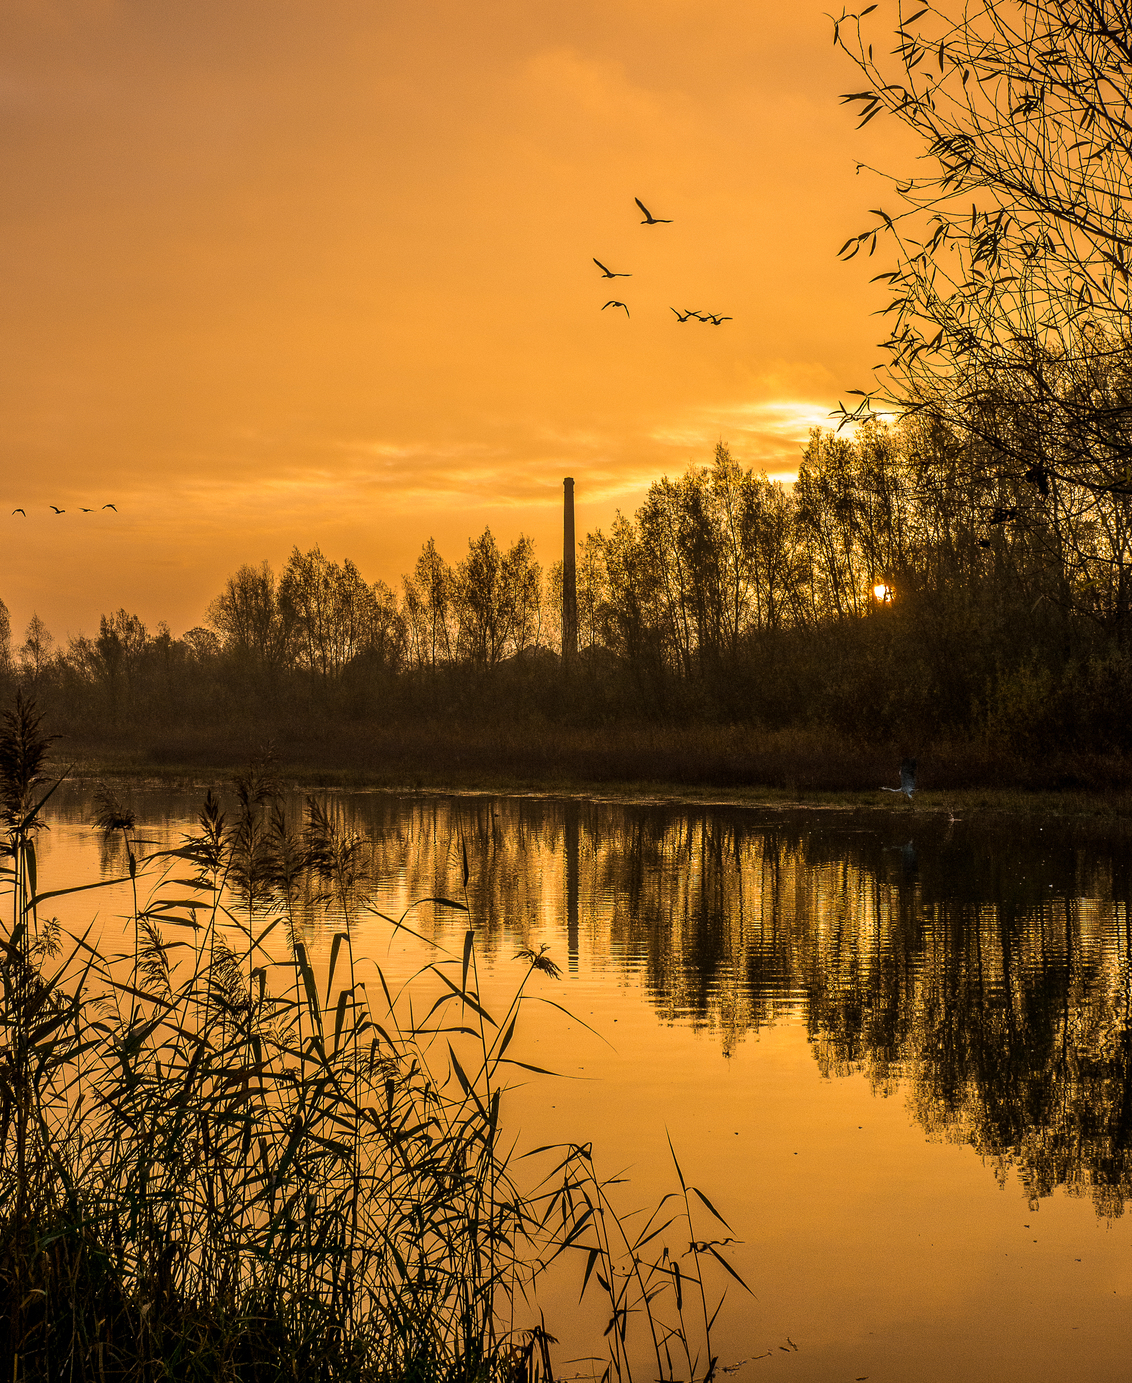 Najaar in de Uiterwaarden - In de uiterwaarden van Wageningen - foto door lotjenr1 op 27-02-2021